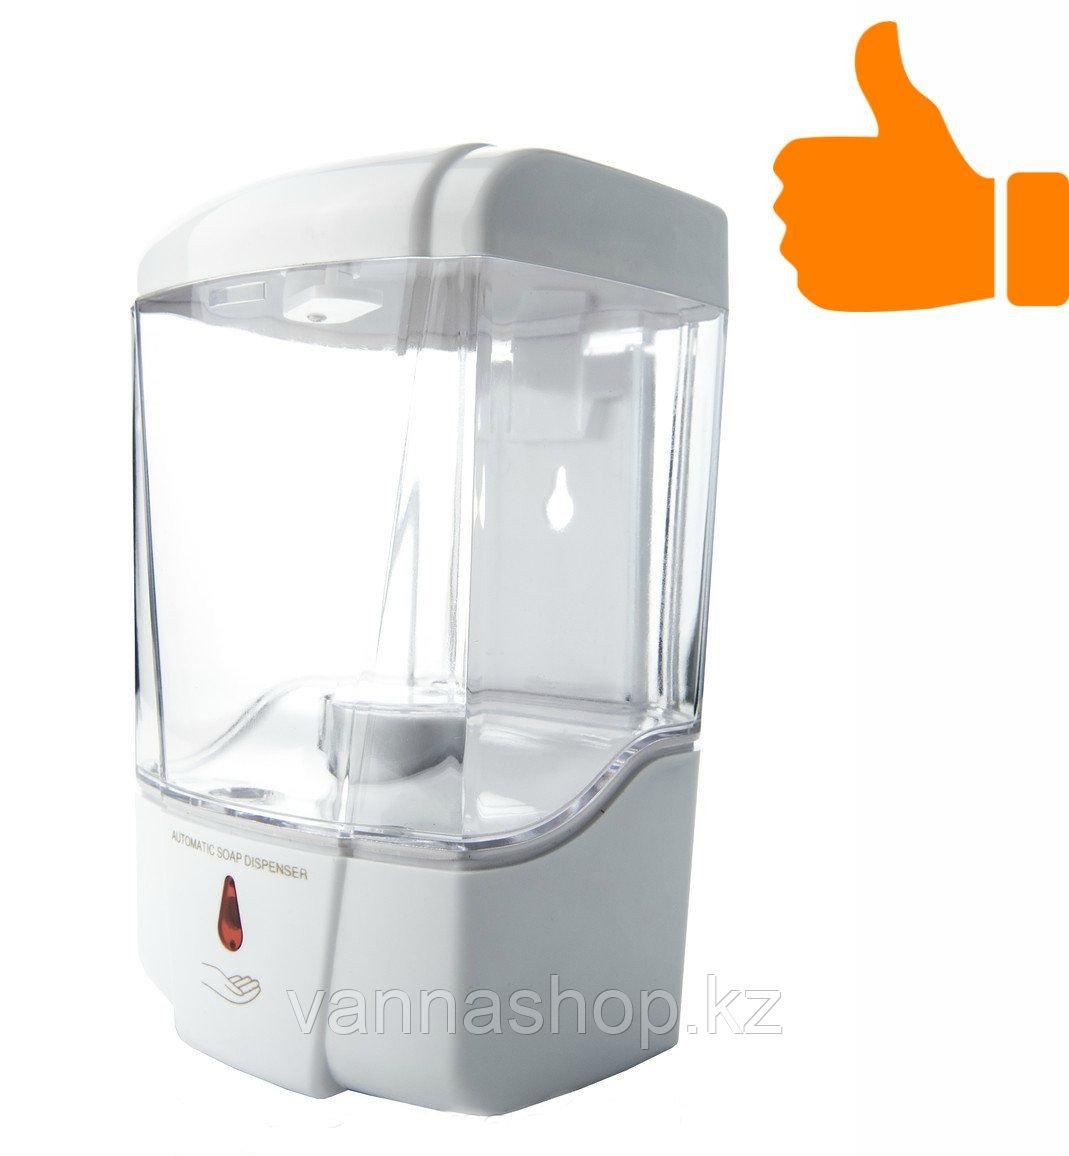 Дозатор (диспенсер) сенсорный для жидкого мыла прозрачный